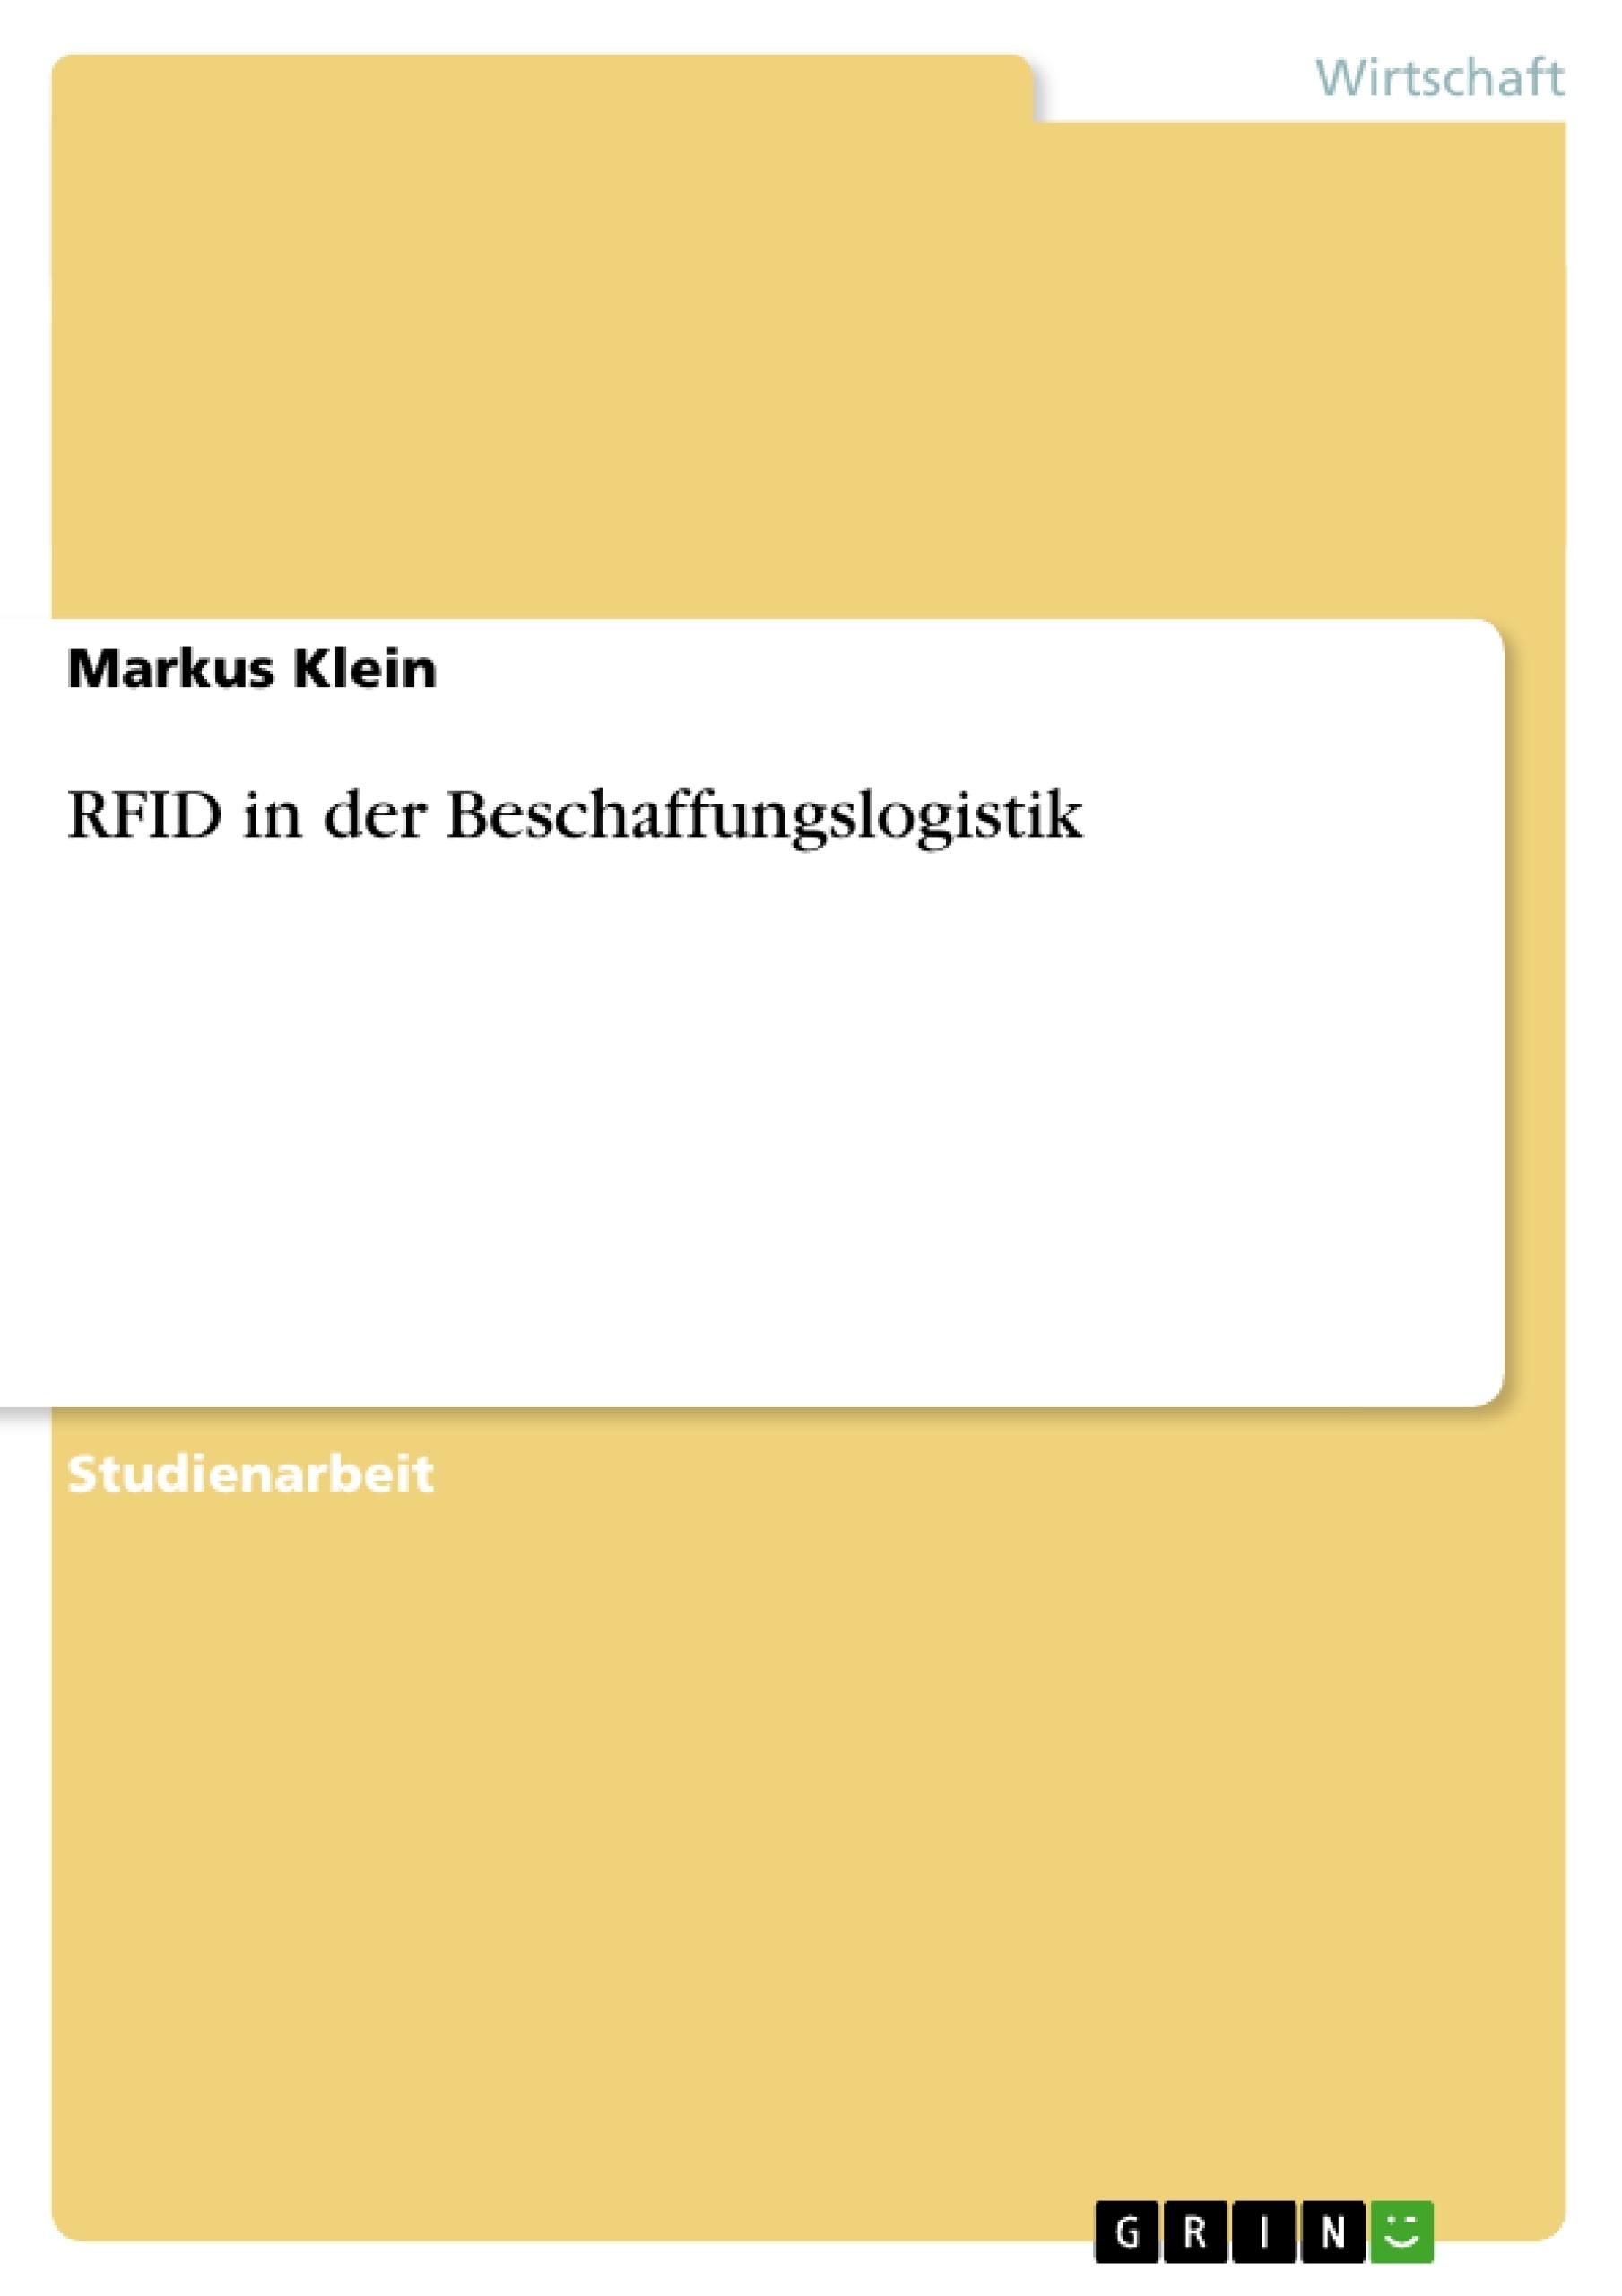 Titel: RFID in der Beschaffungslogistik